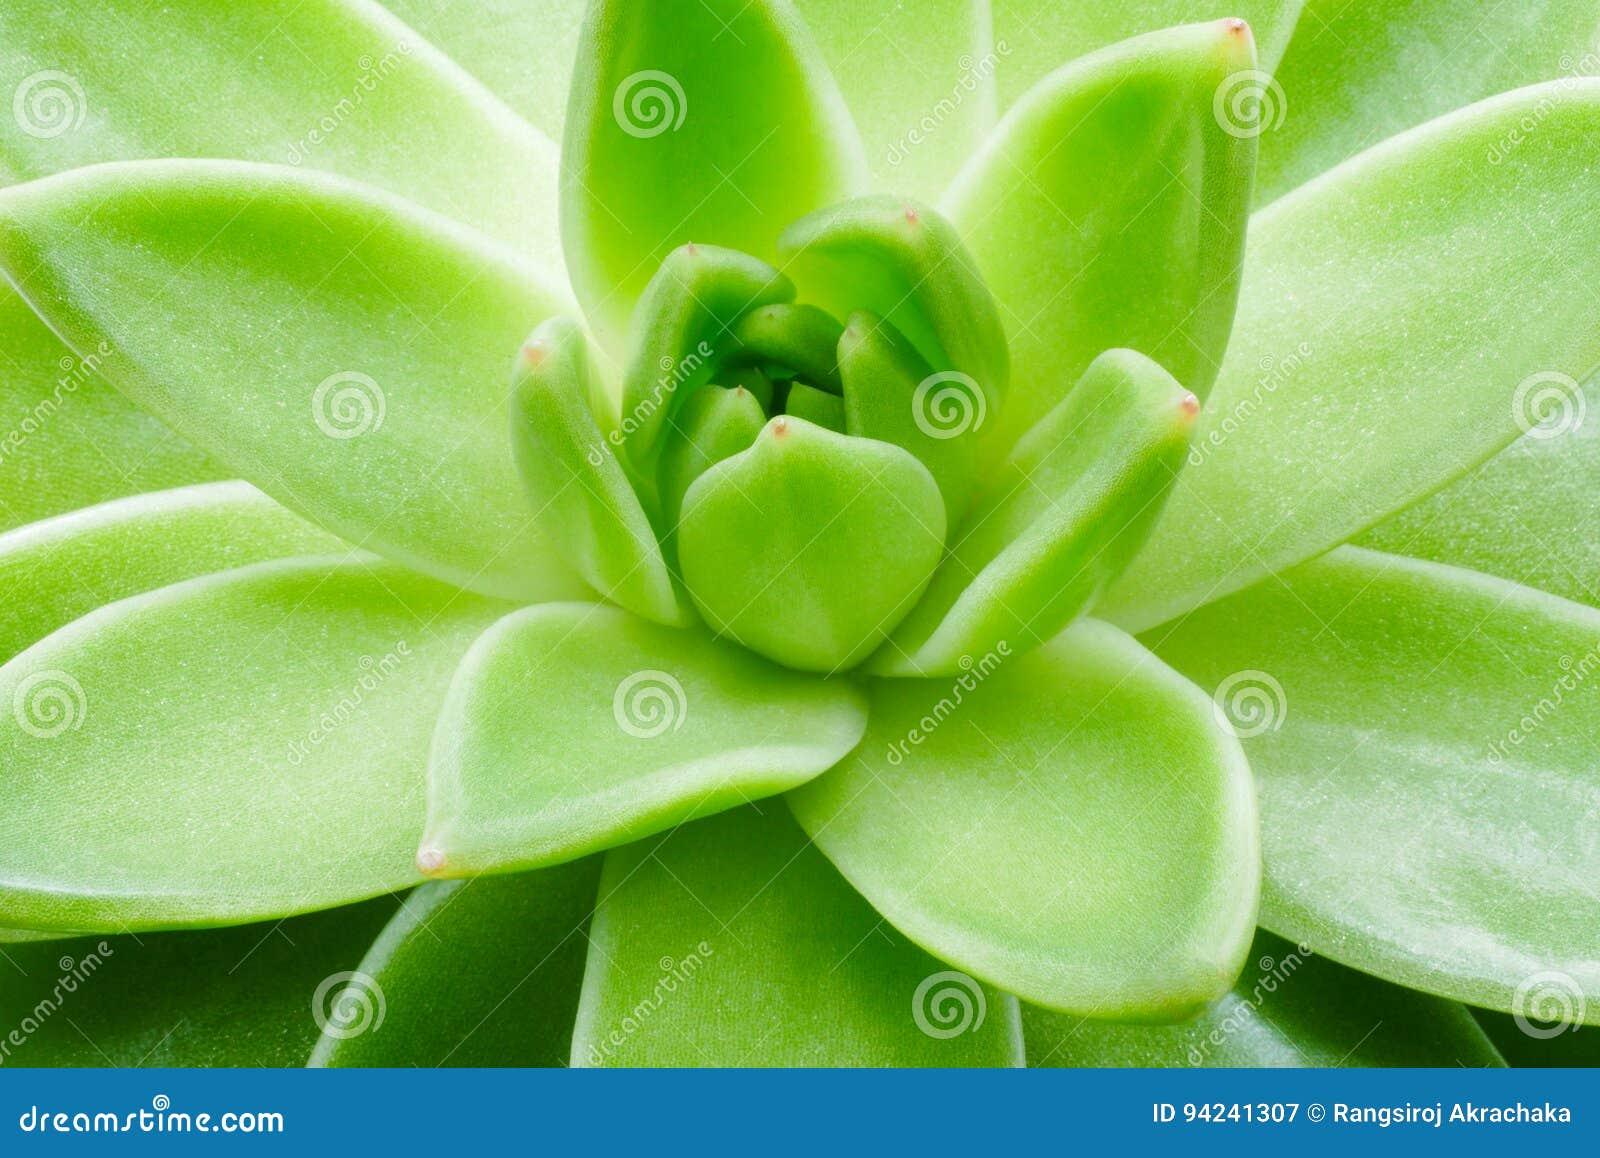 Cierre suculento verde de la macro de la planta encima del fondo